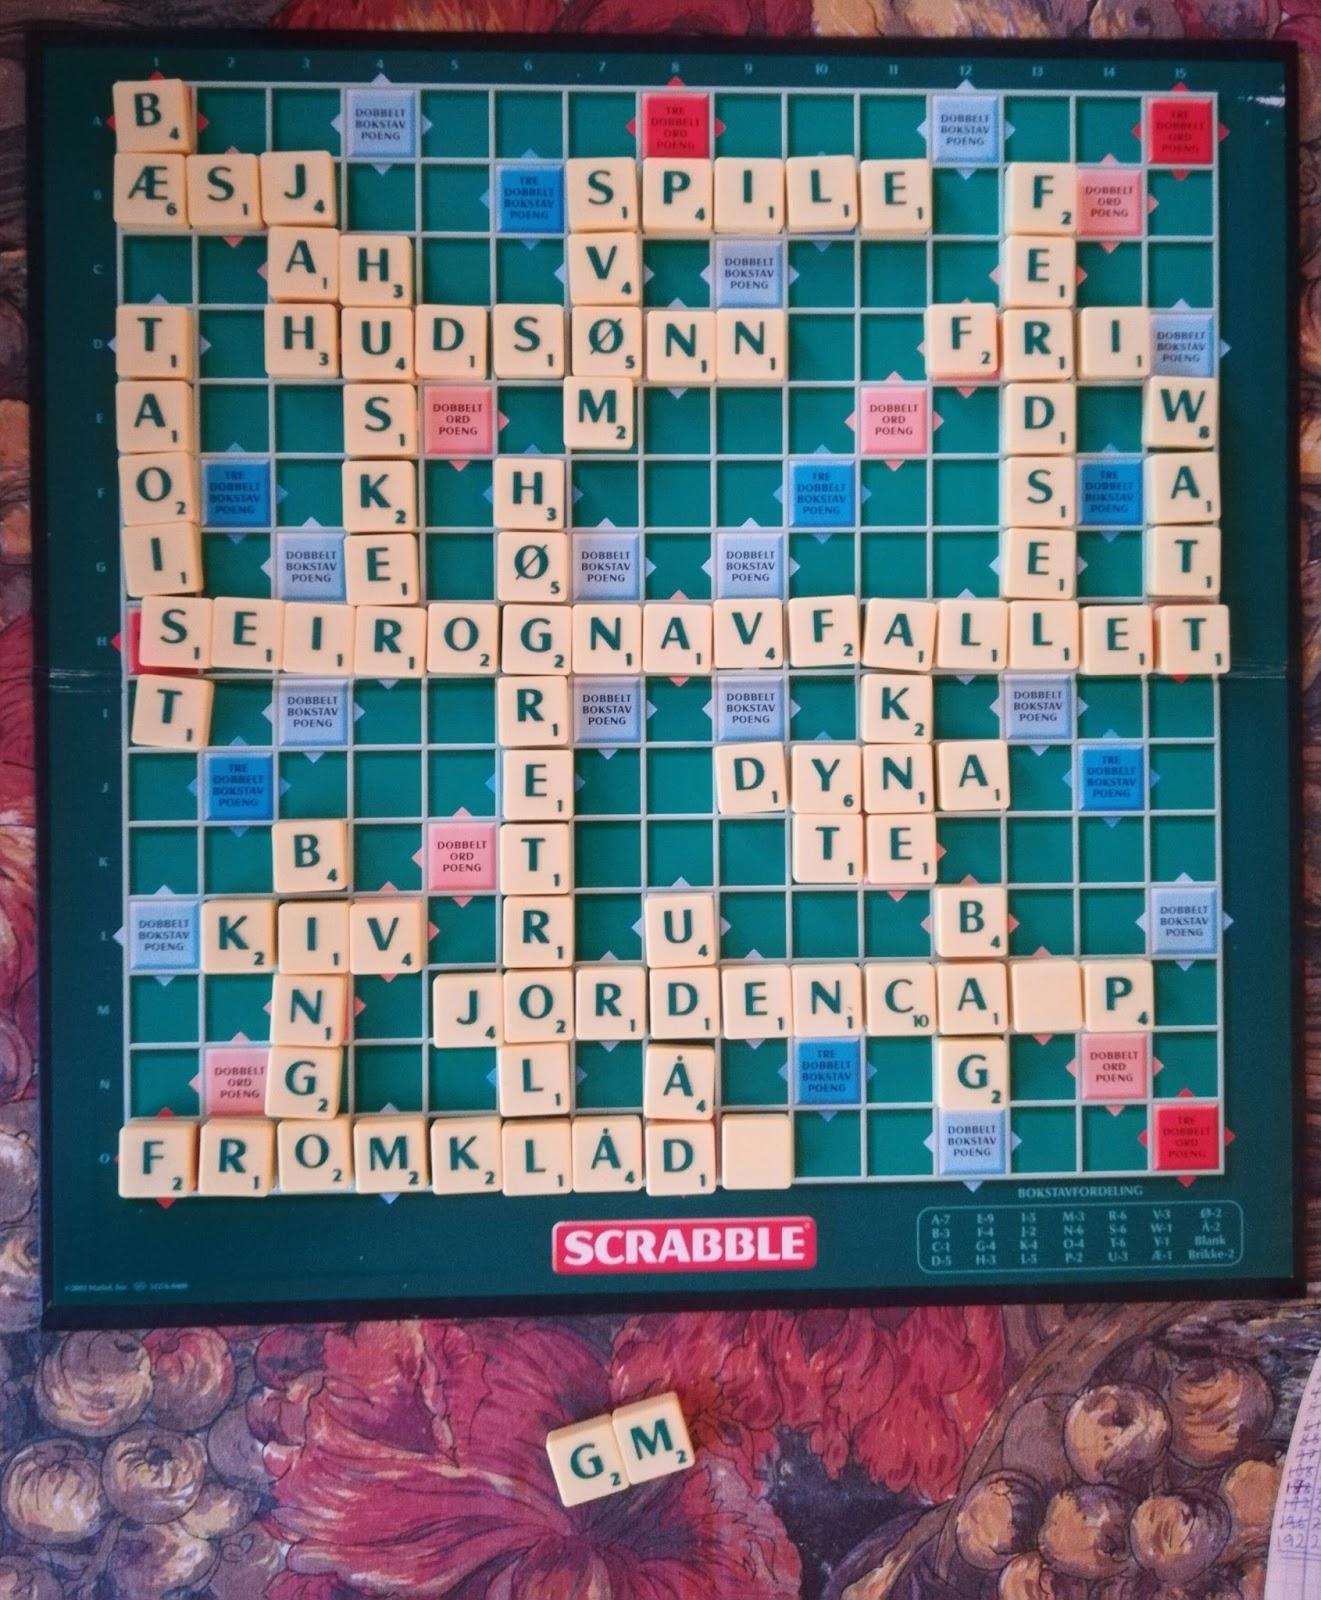 Scrabblebrettet vårt fullført med flere fine VG-ord prominent til stede.